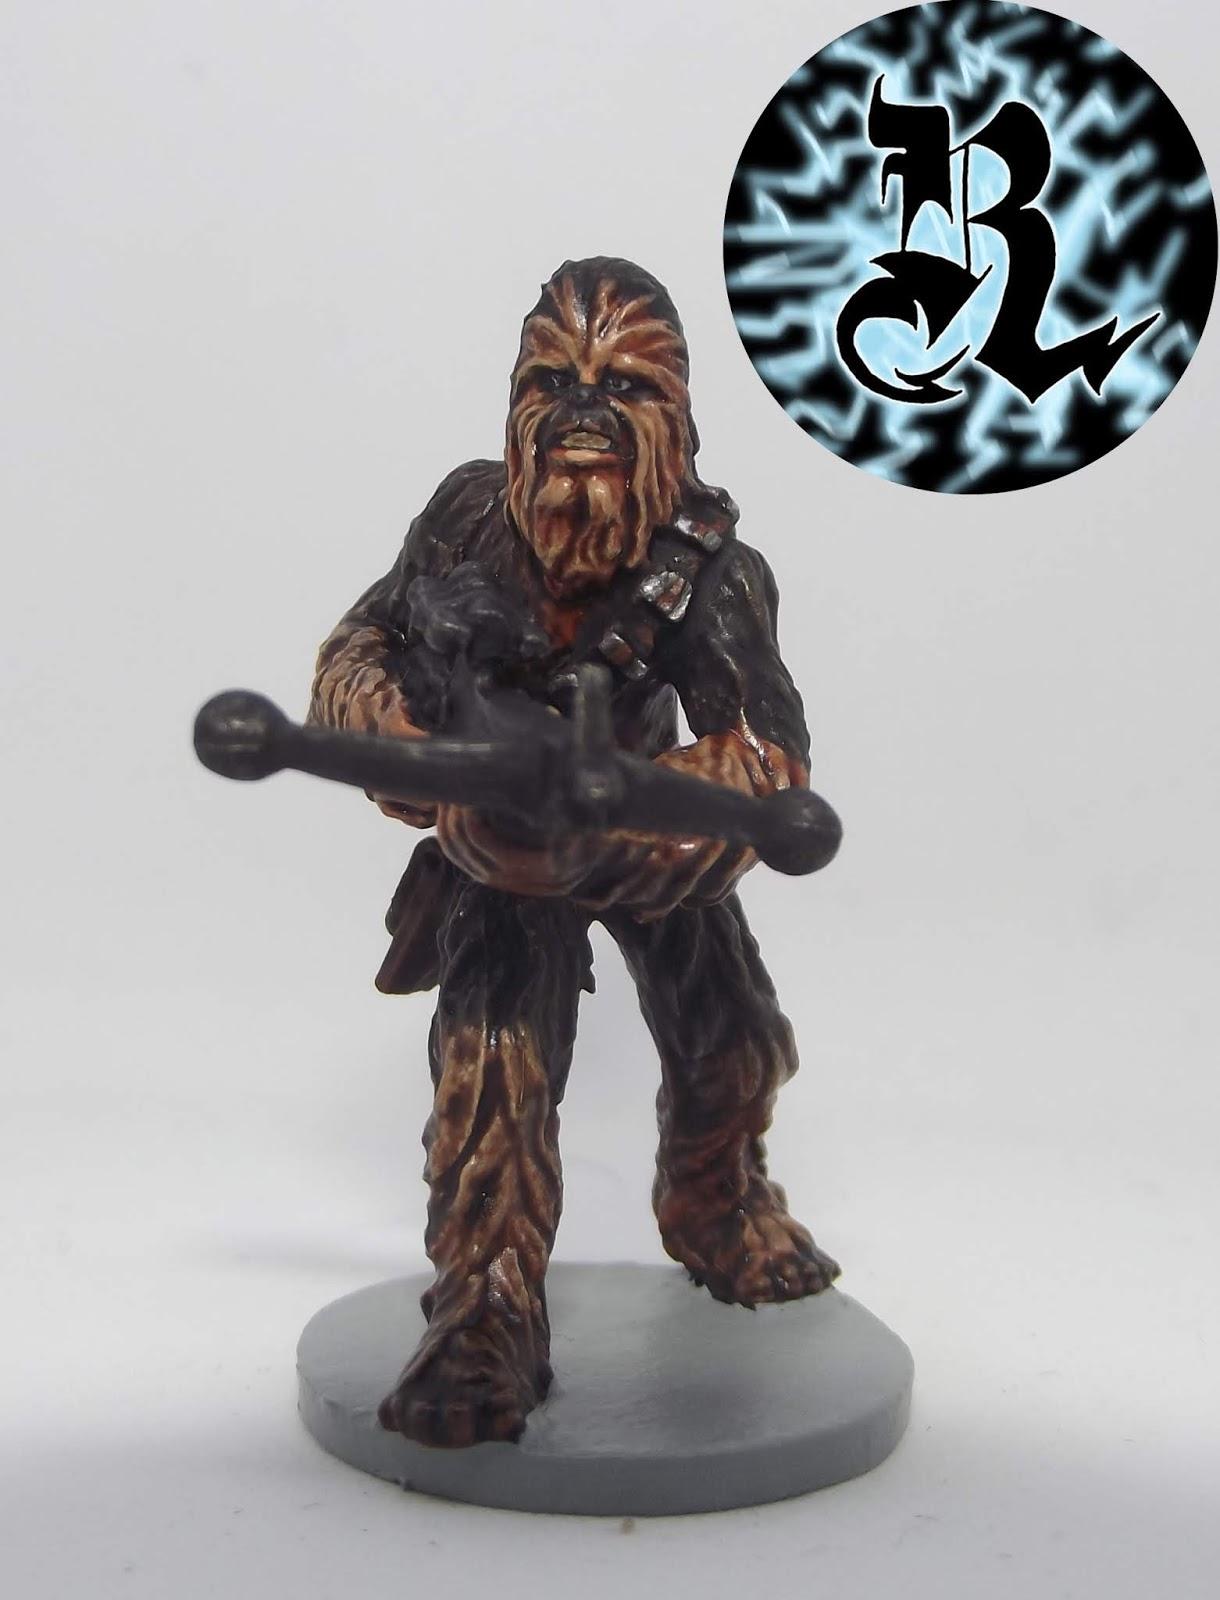 [Image: Chewie%2BFinie%2B%25282%2529.JPG]